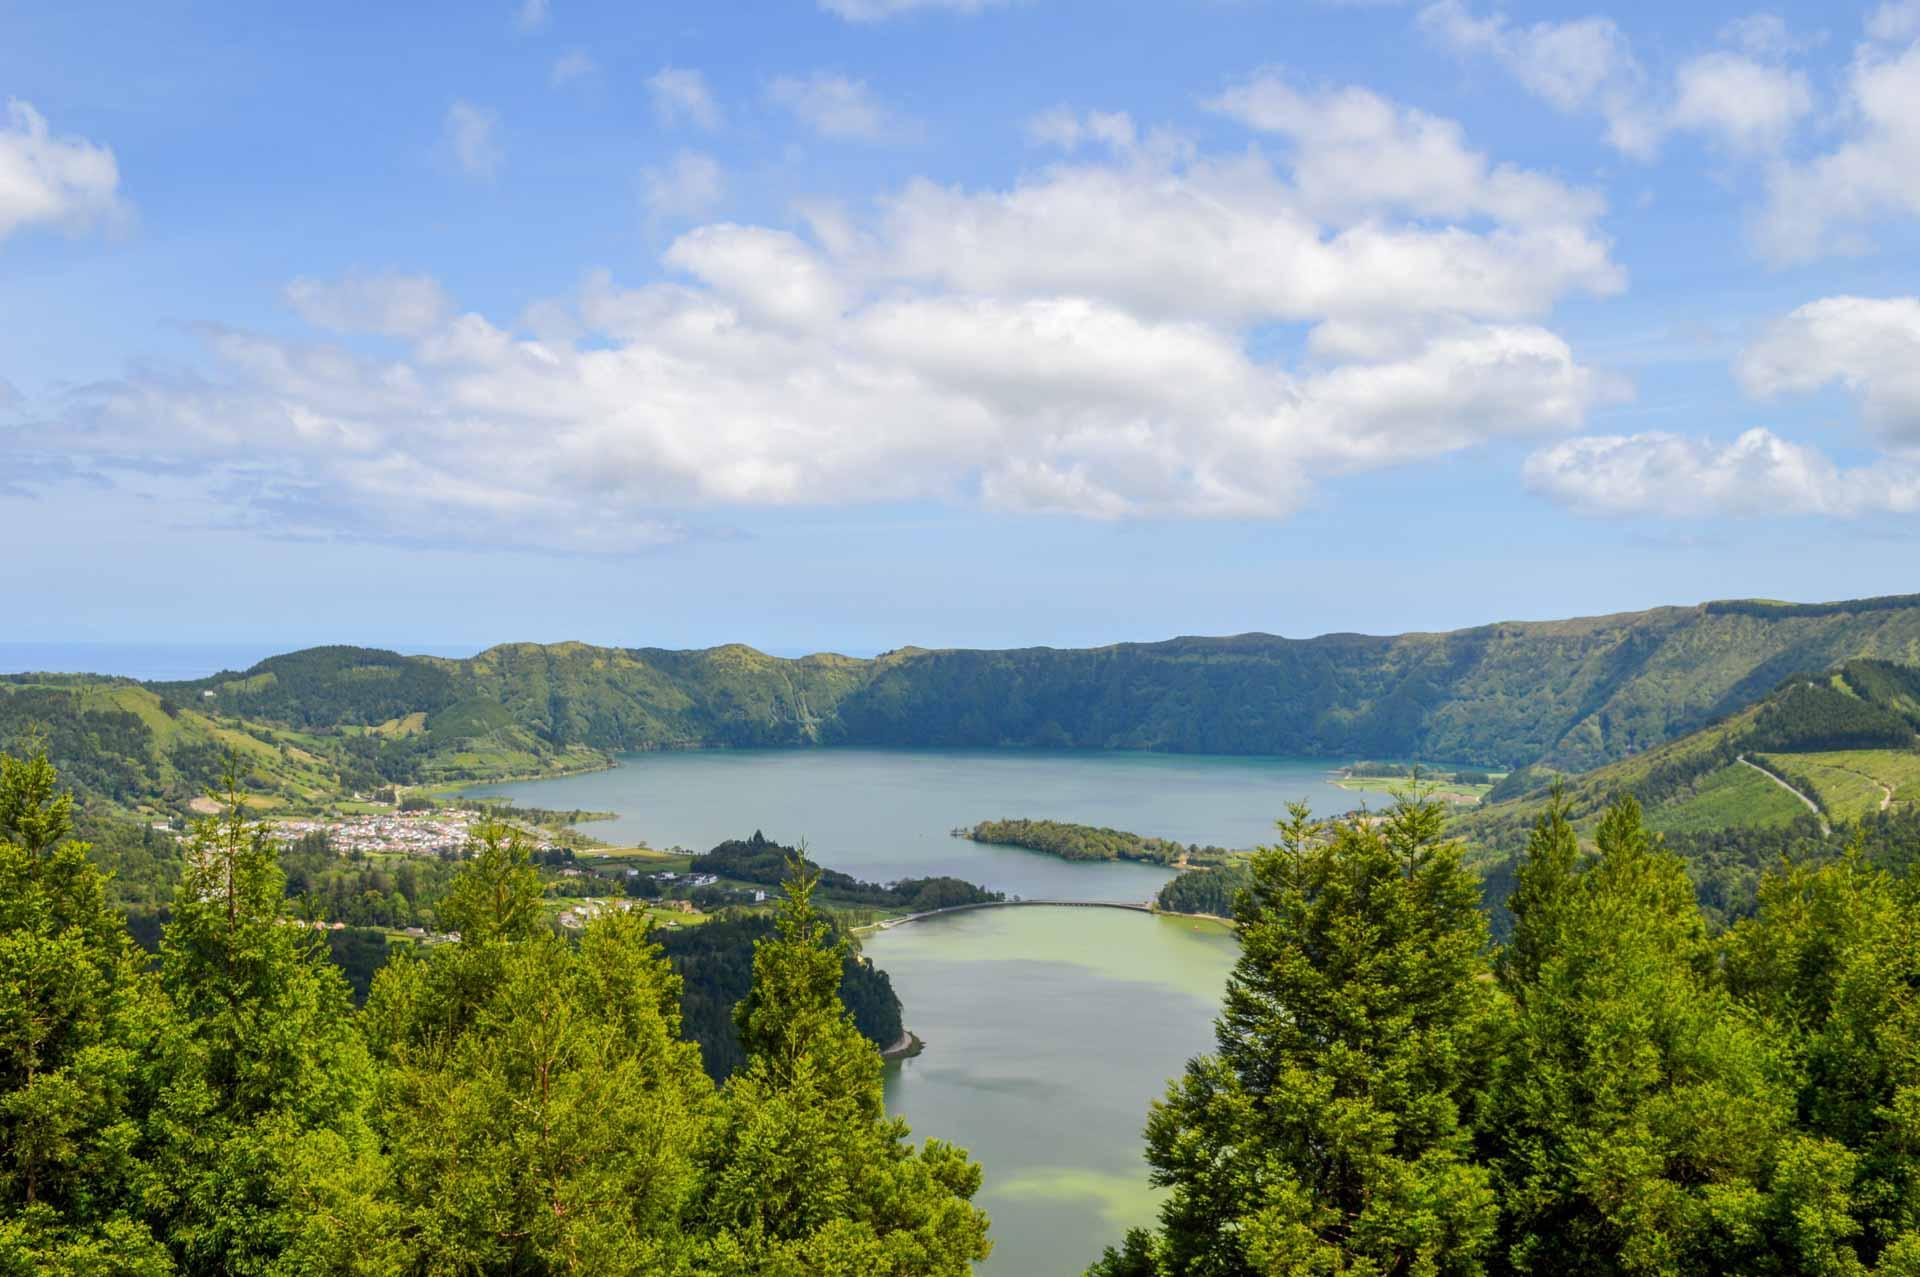 Le lac bleu et le lac vert depuis le Miradouro da Vista do Rei © YONDER.fr/PG